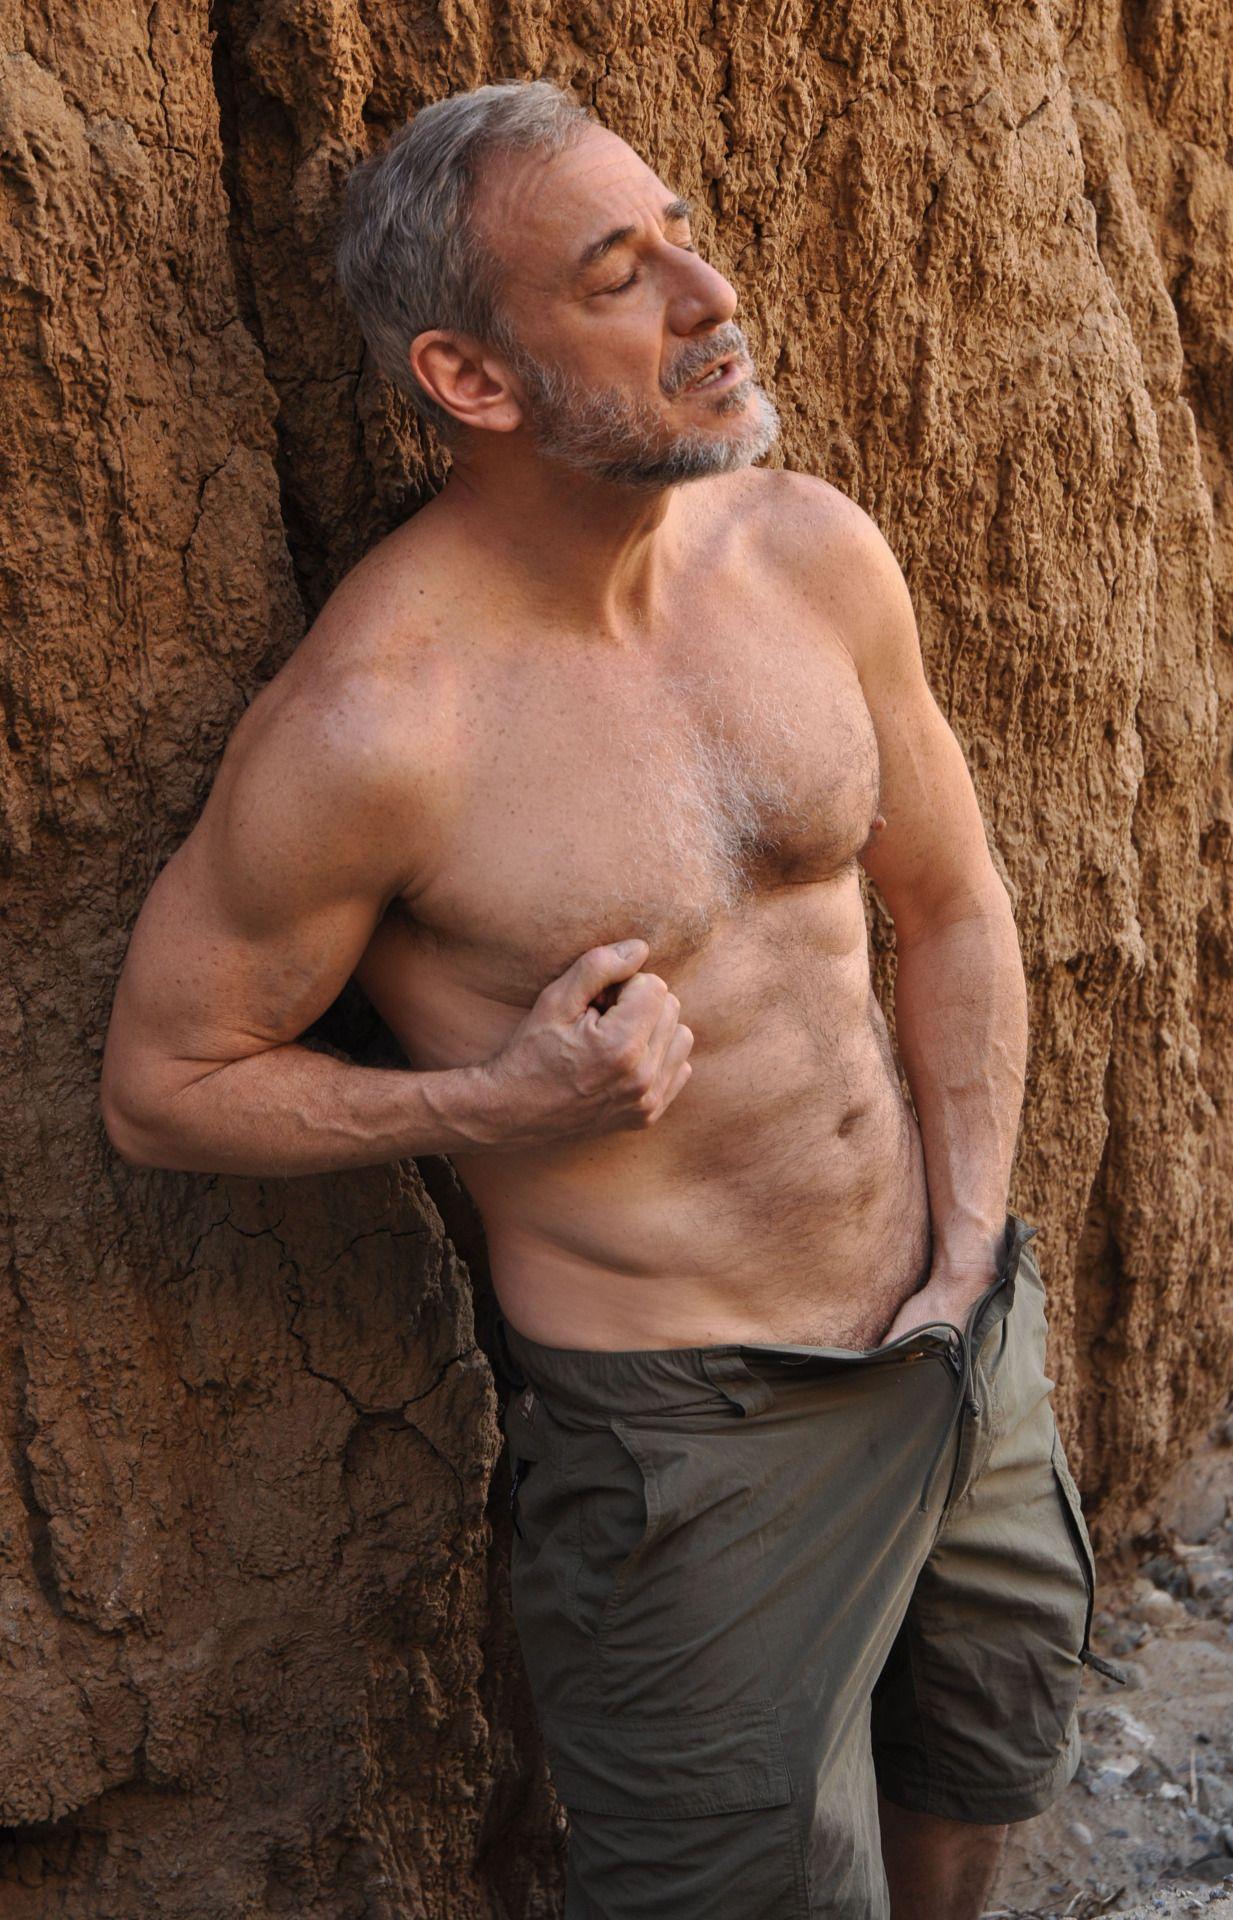 Actor david pevsner nude think